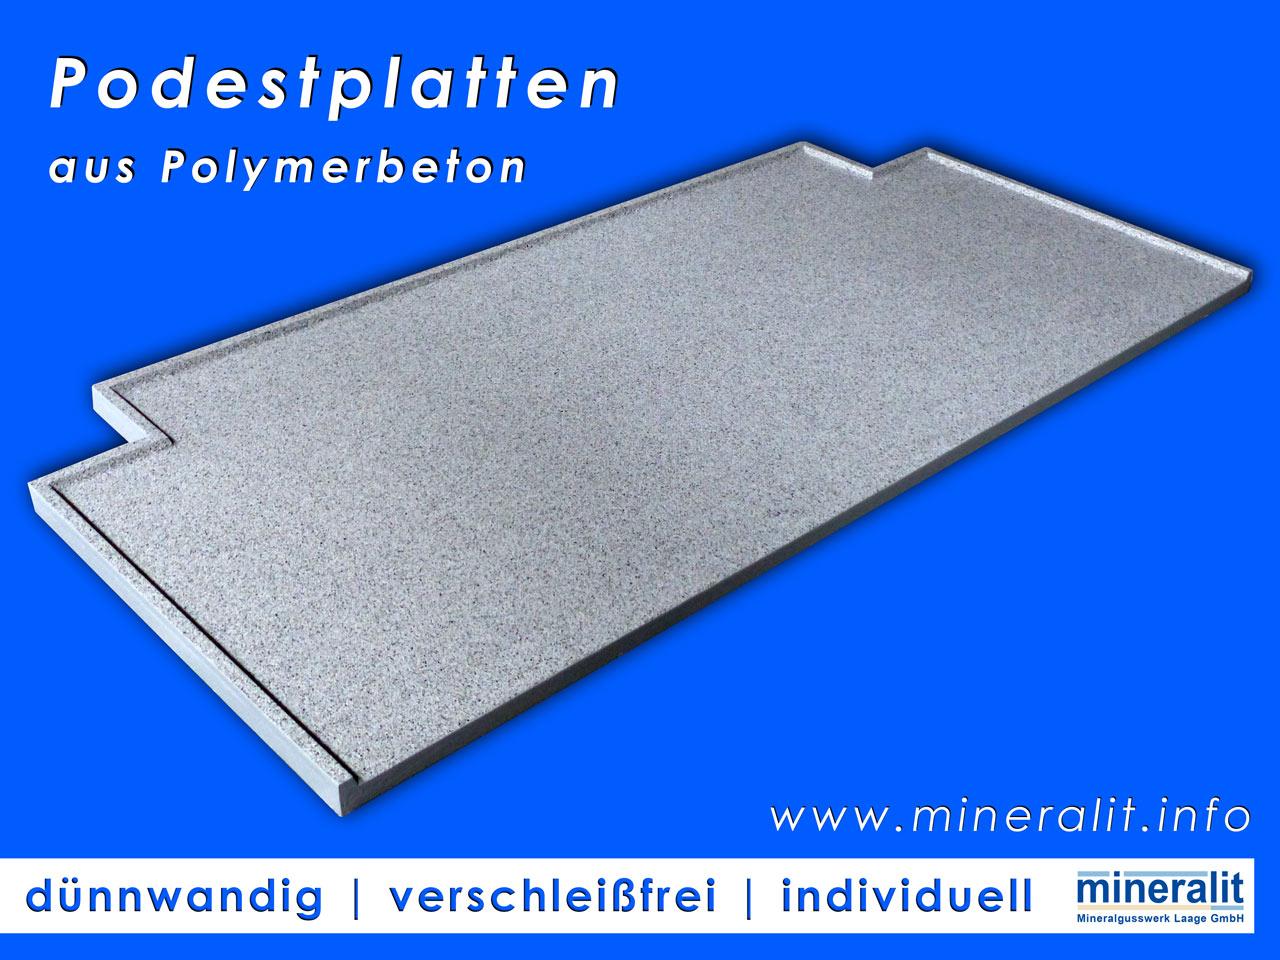 Podestplatten für jeden Hauseingang, dauerhaft wasserundurchlässig, individuell anpassbar, dünnwandig und großformatig.